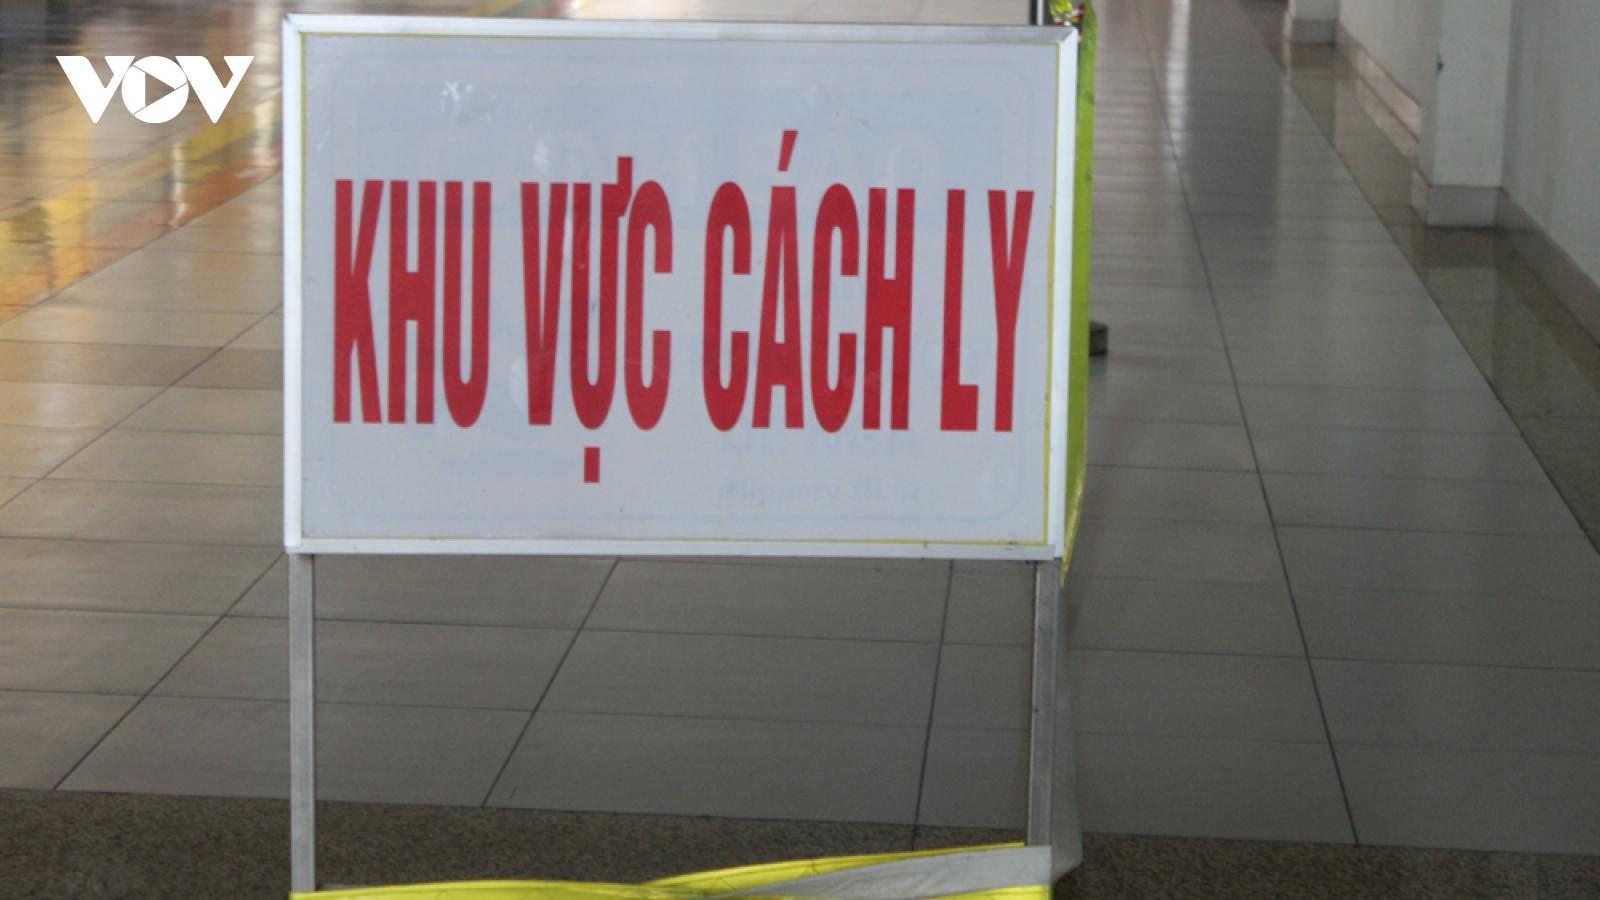 Nam bệnh nhân mắc Covid-19 là người Lybia nhập cảnh vào Việt Nam